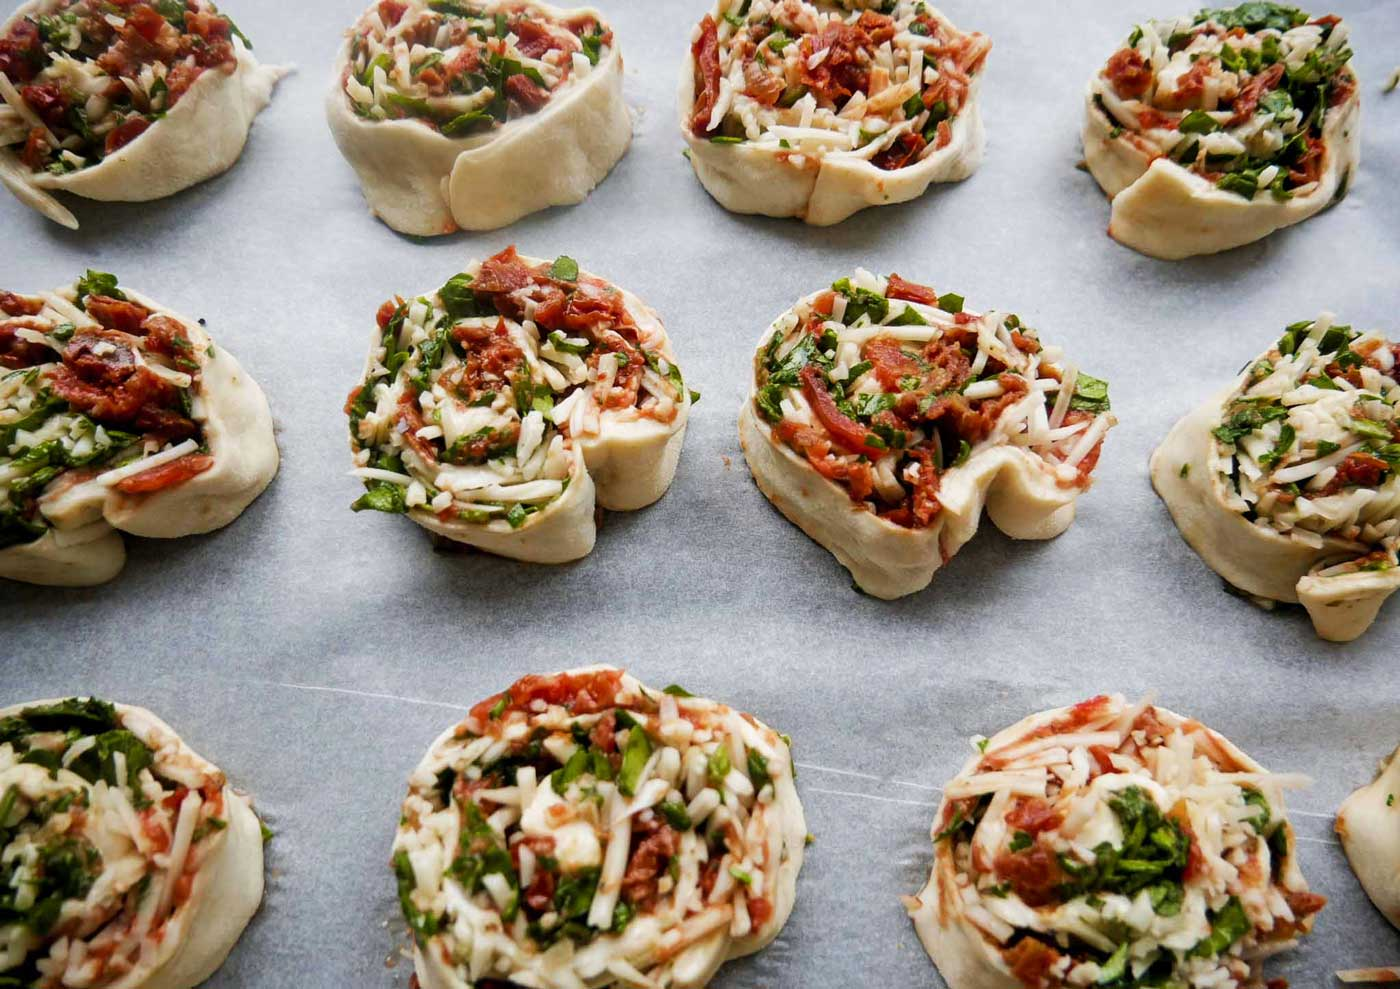 Læg alle pizzasneglene på en bageplade beklædt med bagepapir